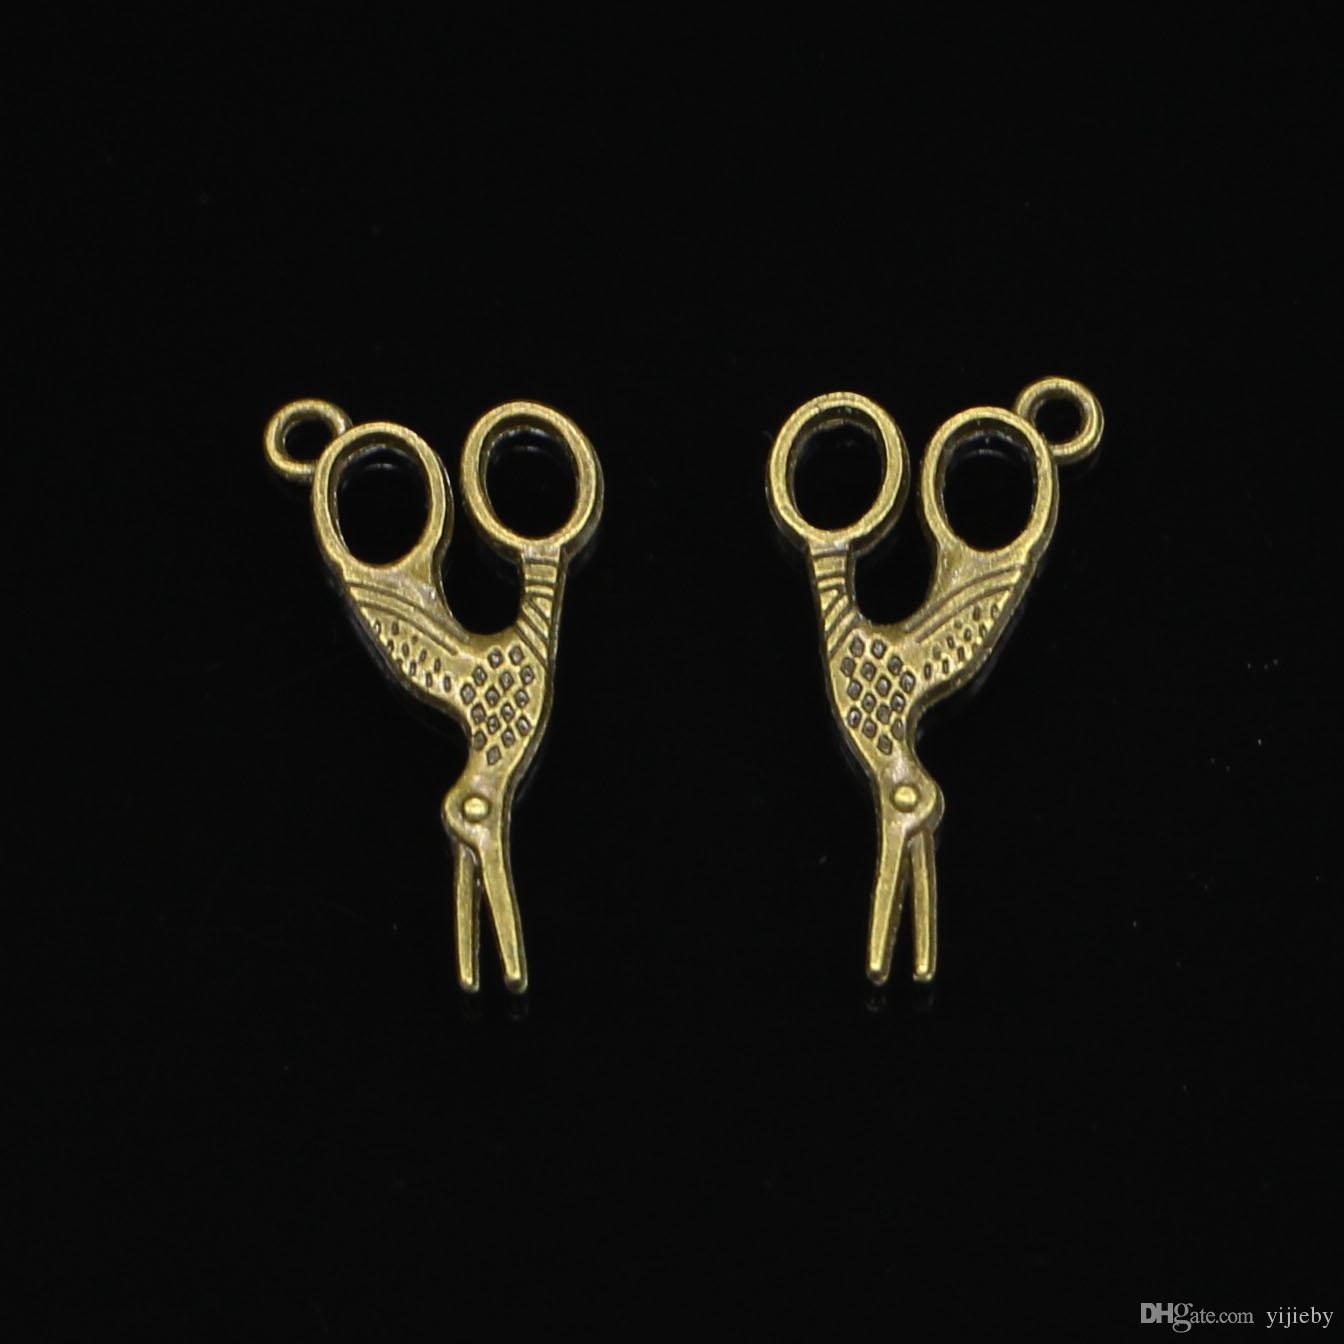 Античная бронза покрытием ножницы подвески кулон fit браслет ожерелье ювелирные изделия DIY делая аксессуары 28 * 15 мм